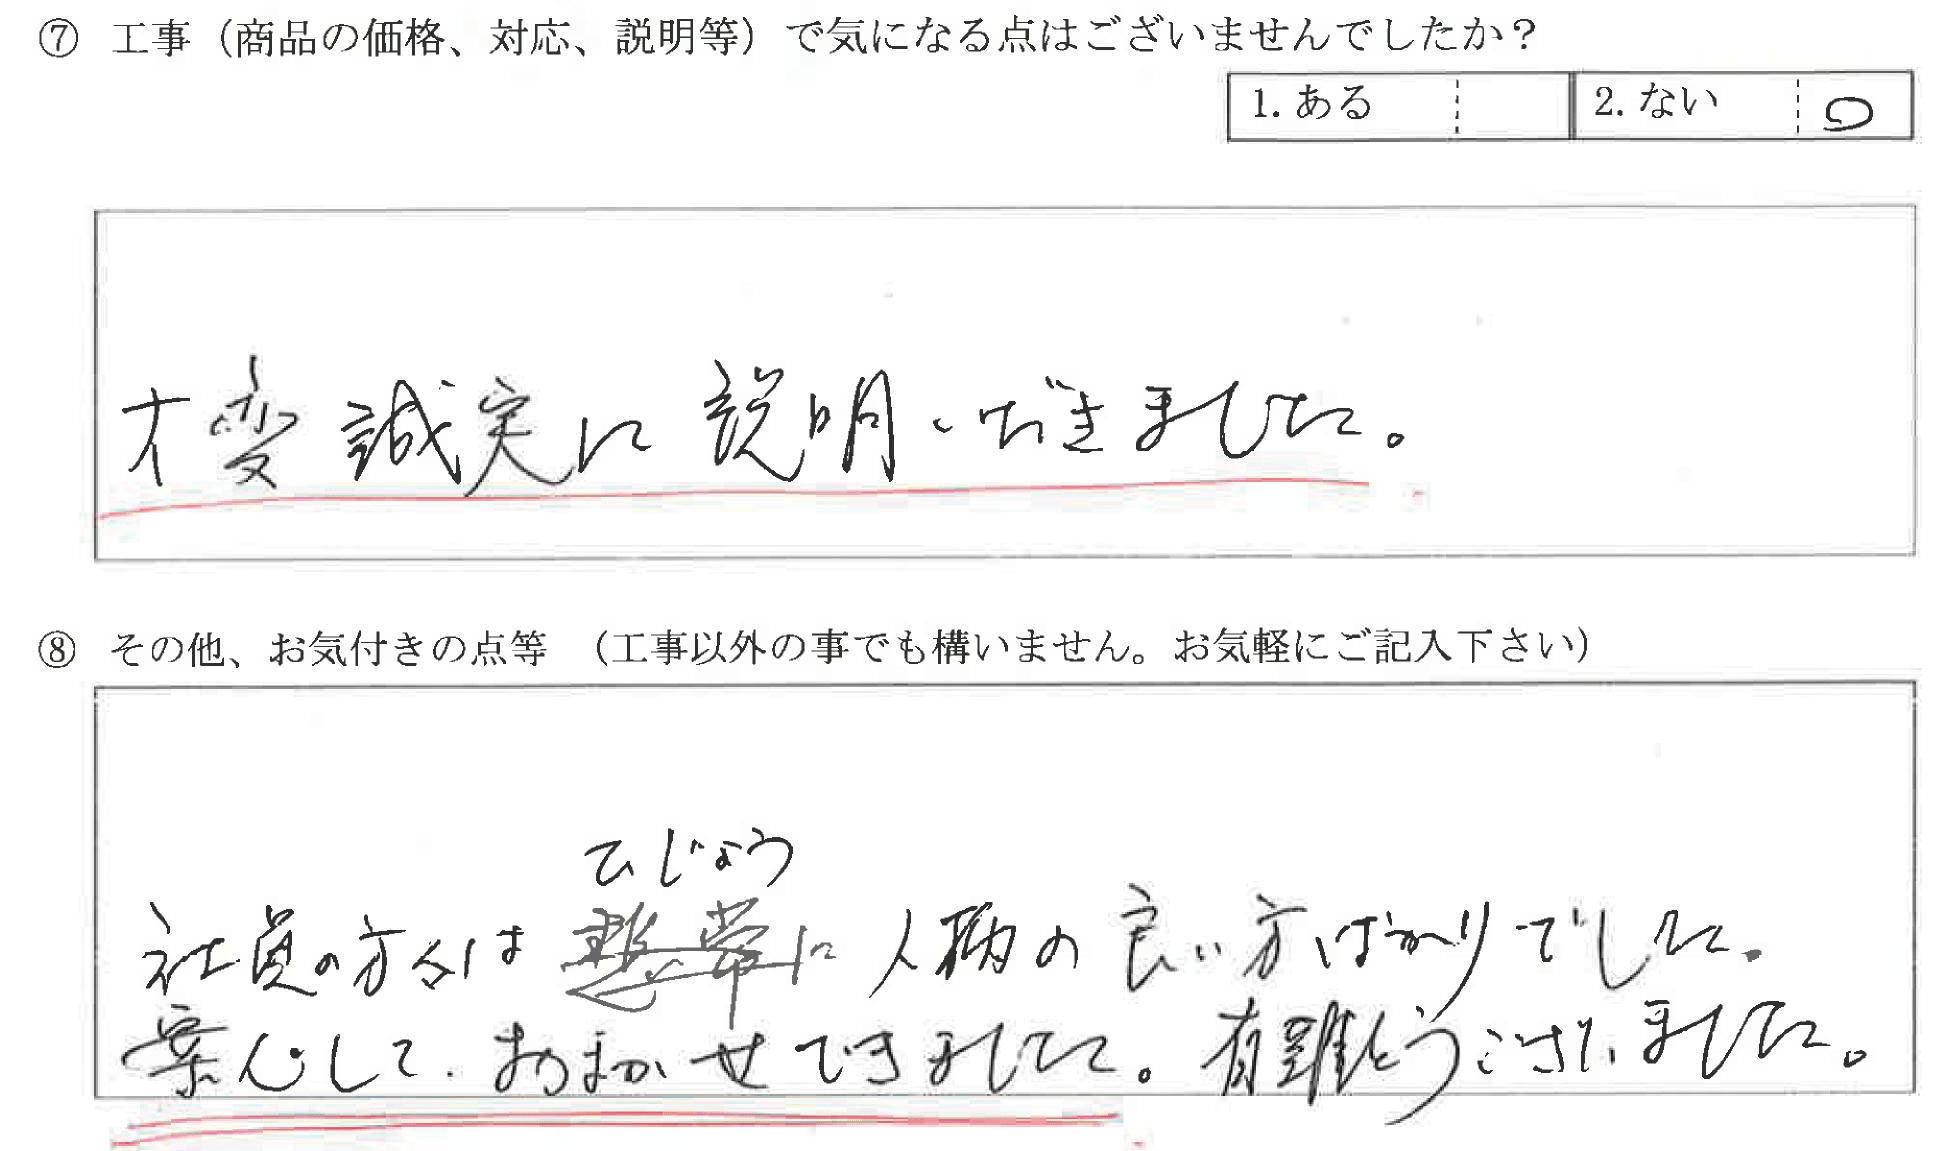 石川県野々市市S様に頂いた浴室・キッチン改装工事についてのお気づきの点がありましたら、お聞かせ下さい。というご質問について「浴室・キッチン改装工事【お喜びの声】」というお声についての画像